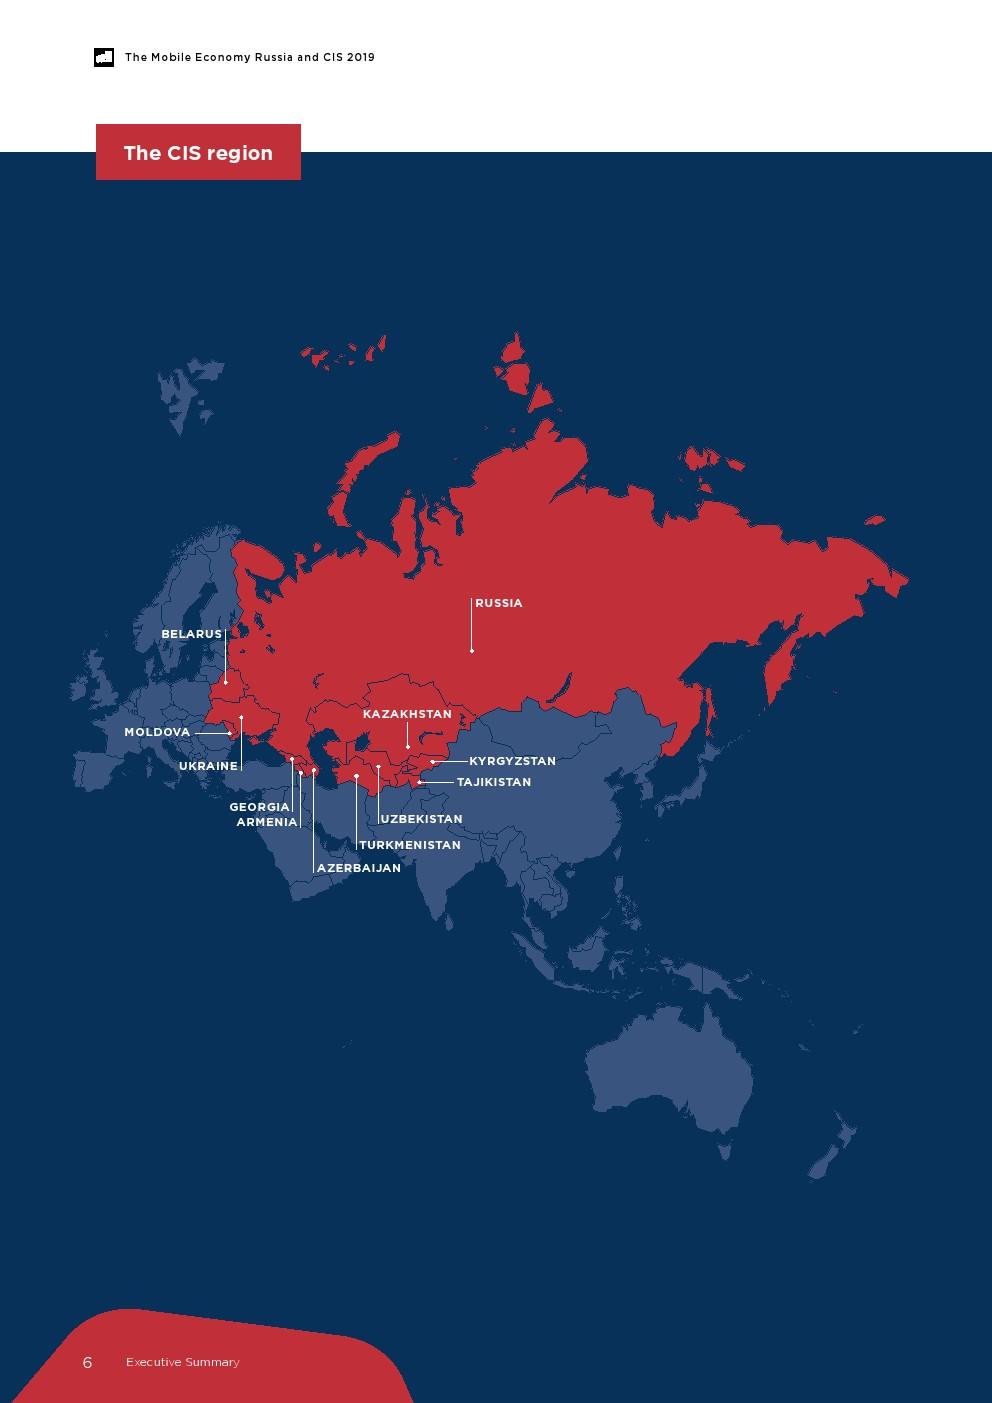 2019年俄罗斯的经济总量_俄罗斯经济